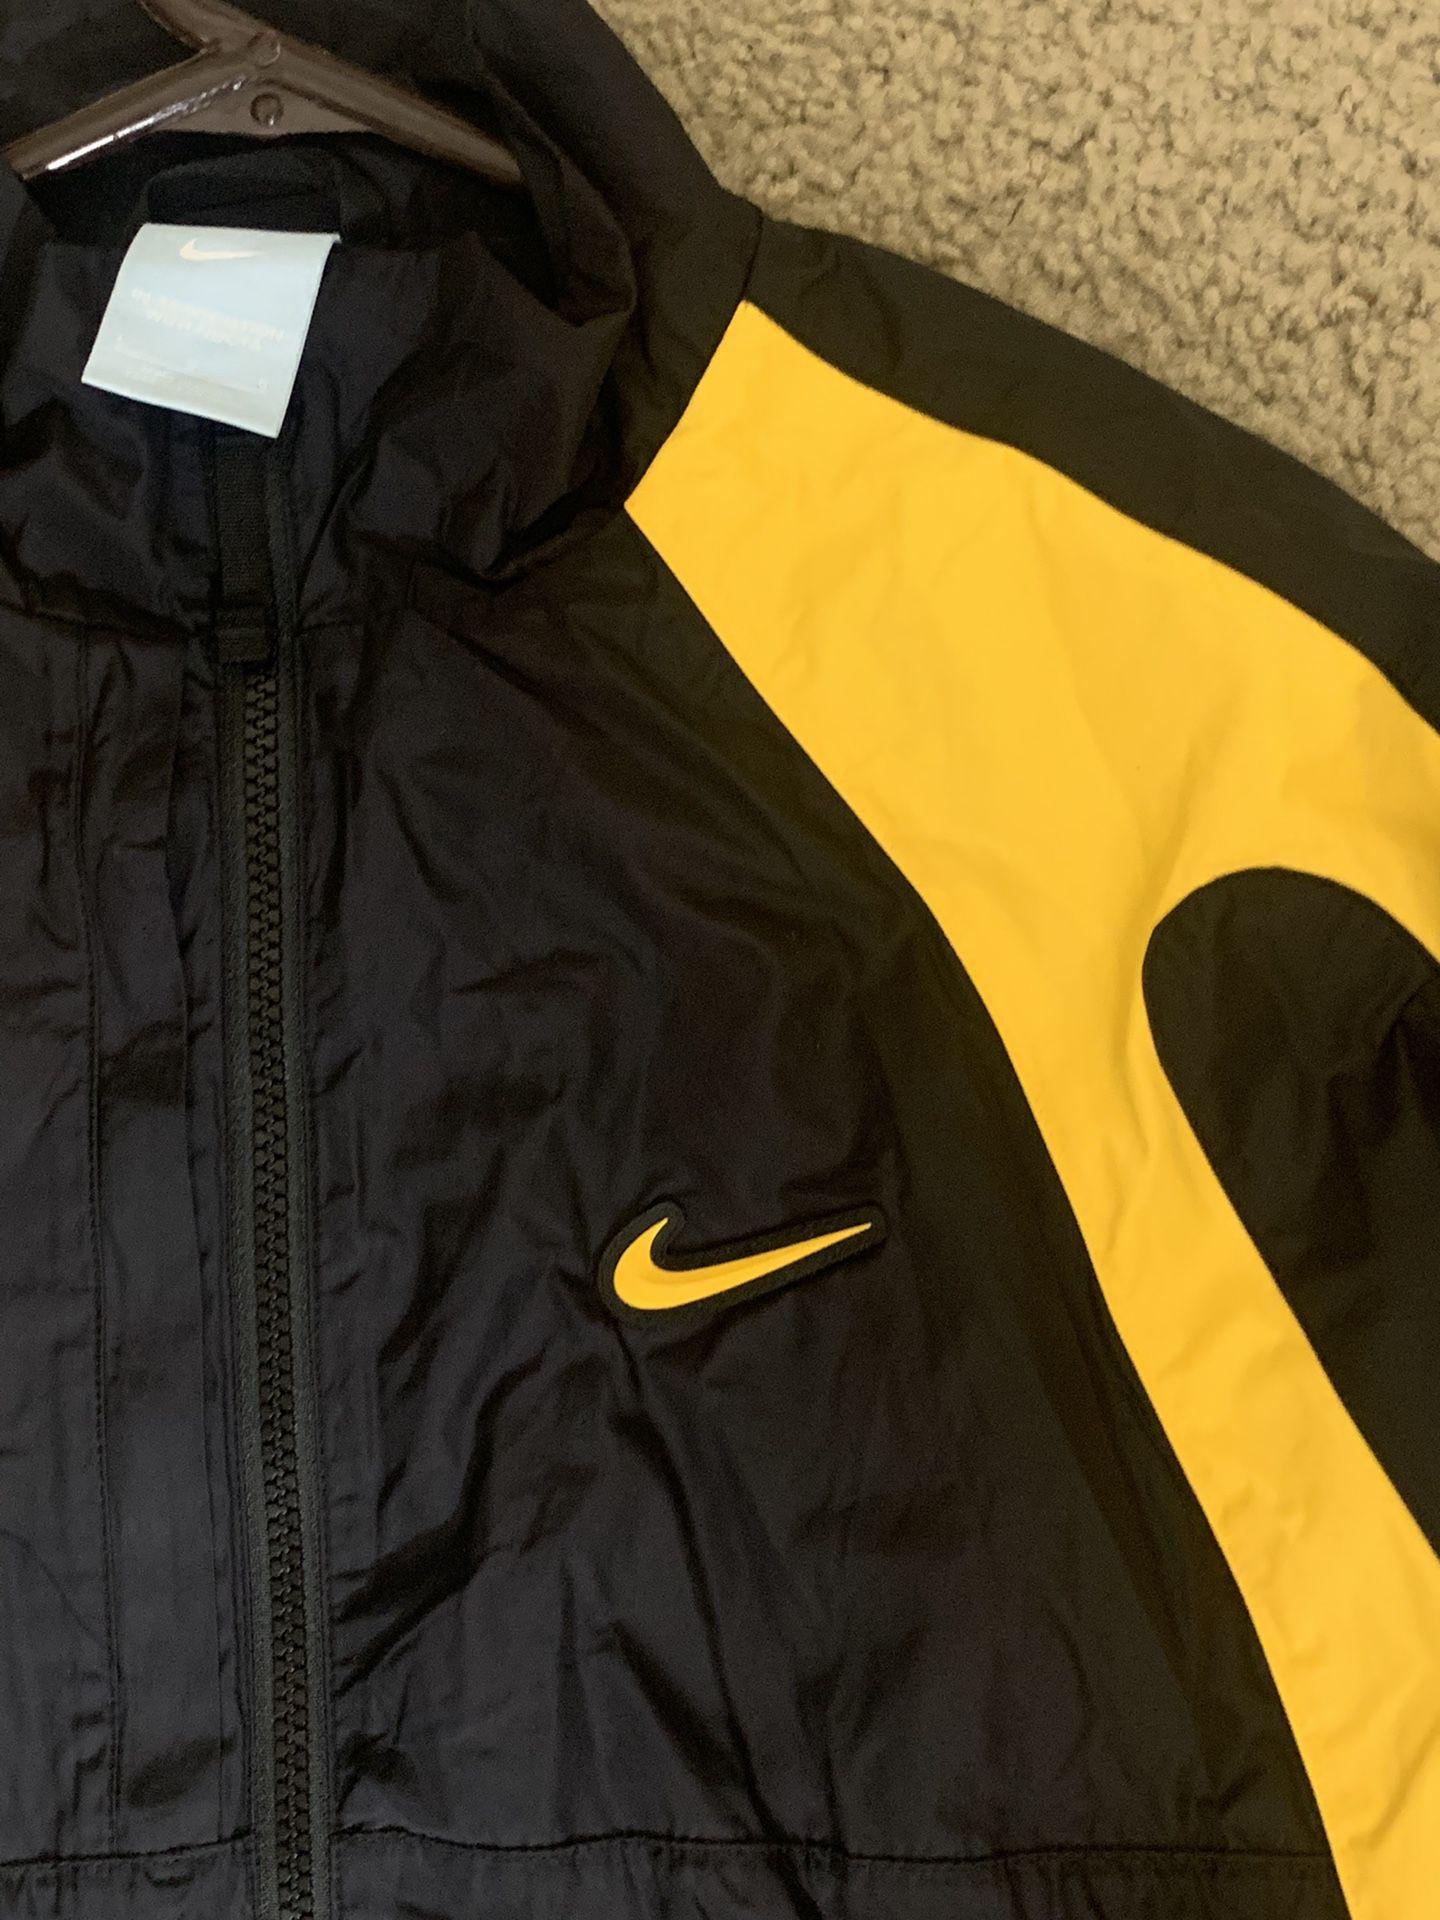 Nike Nocta Tracksuit Jacket